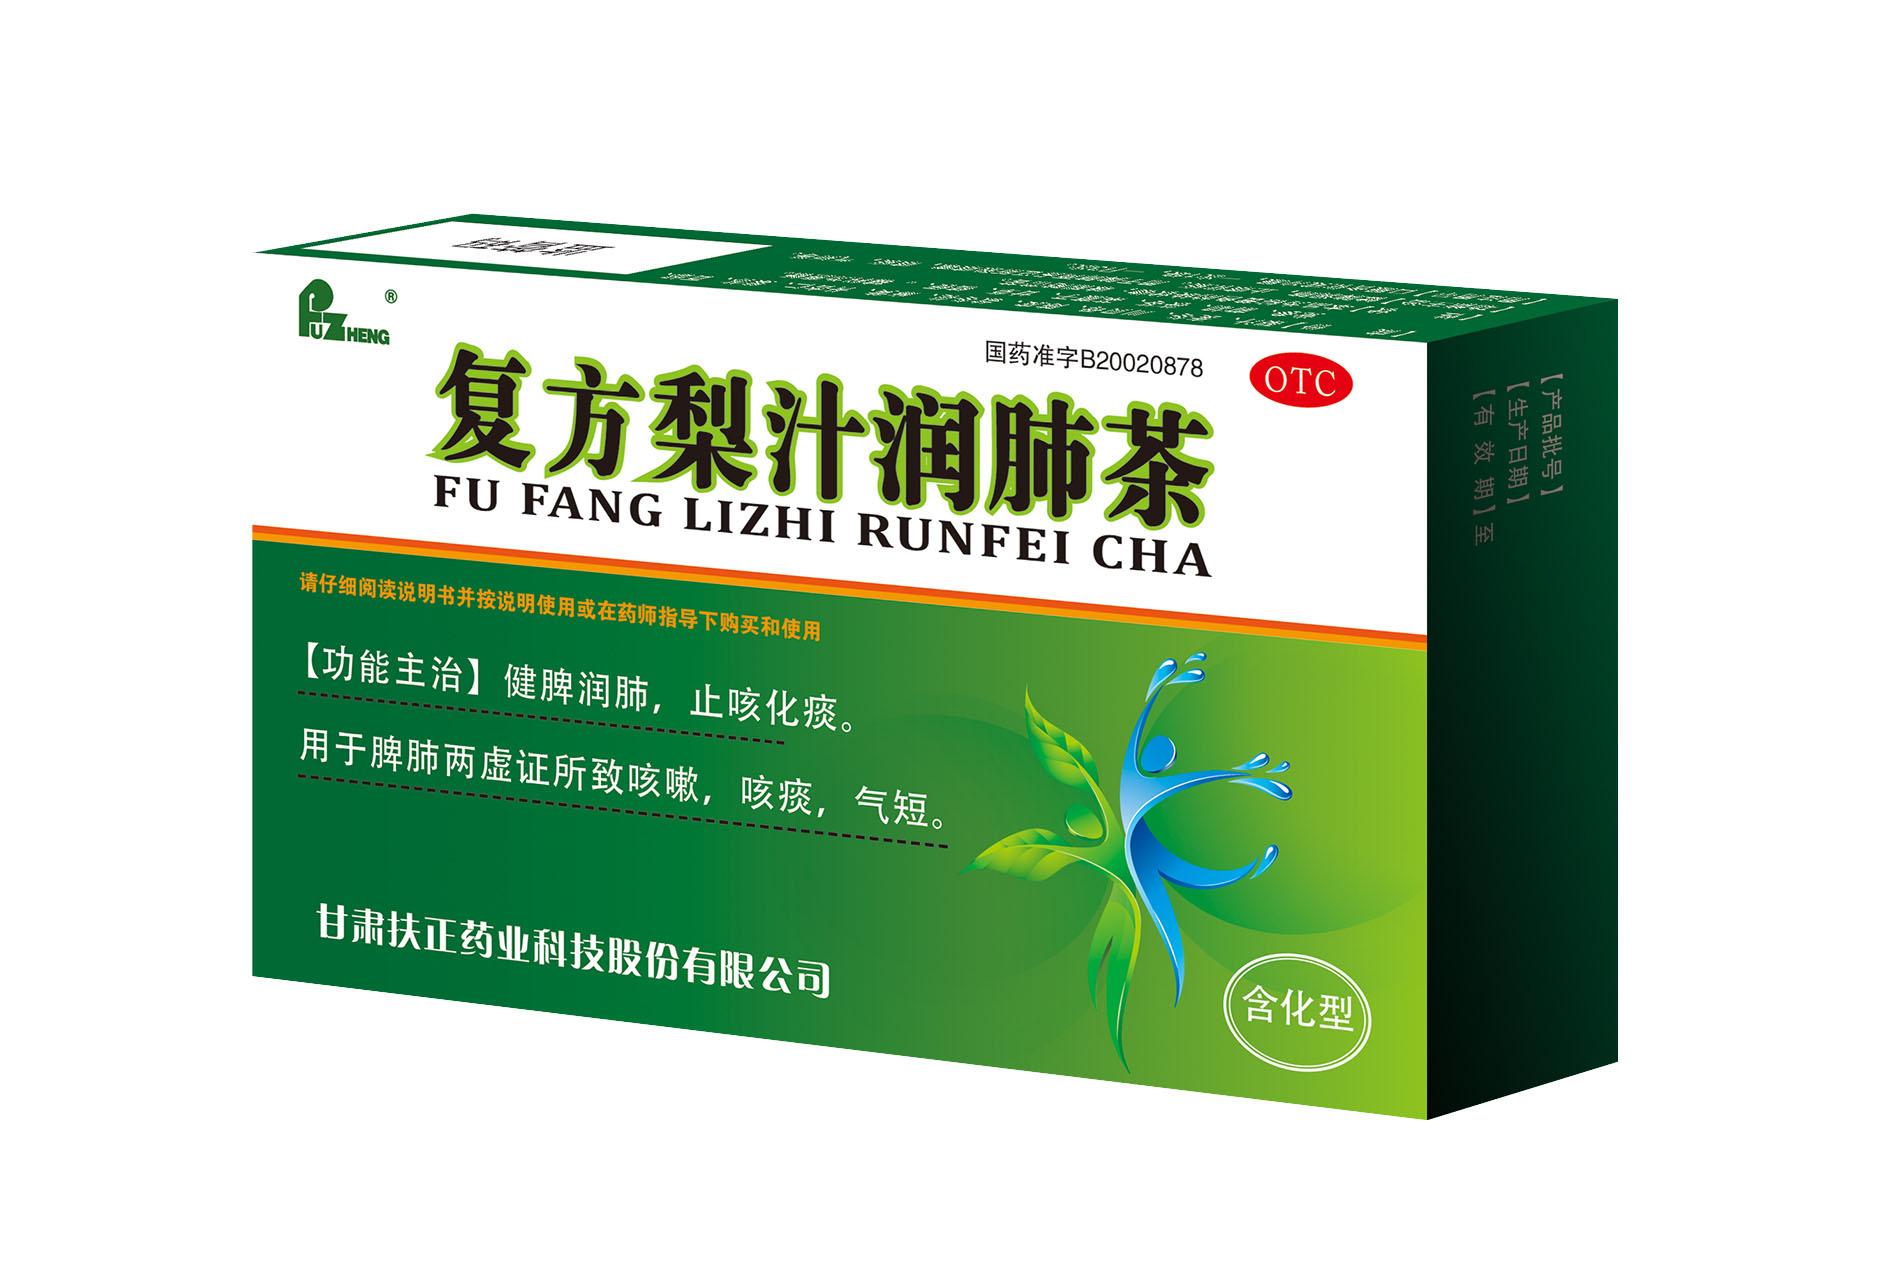 复方梨汁润肺茶